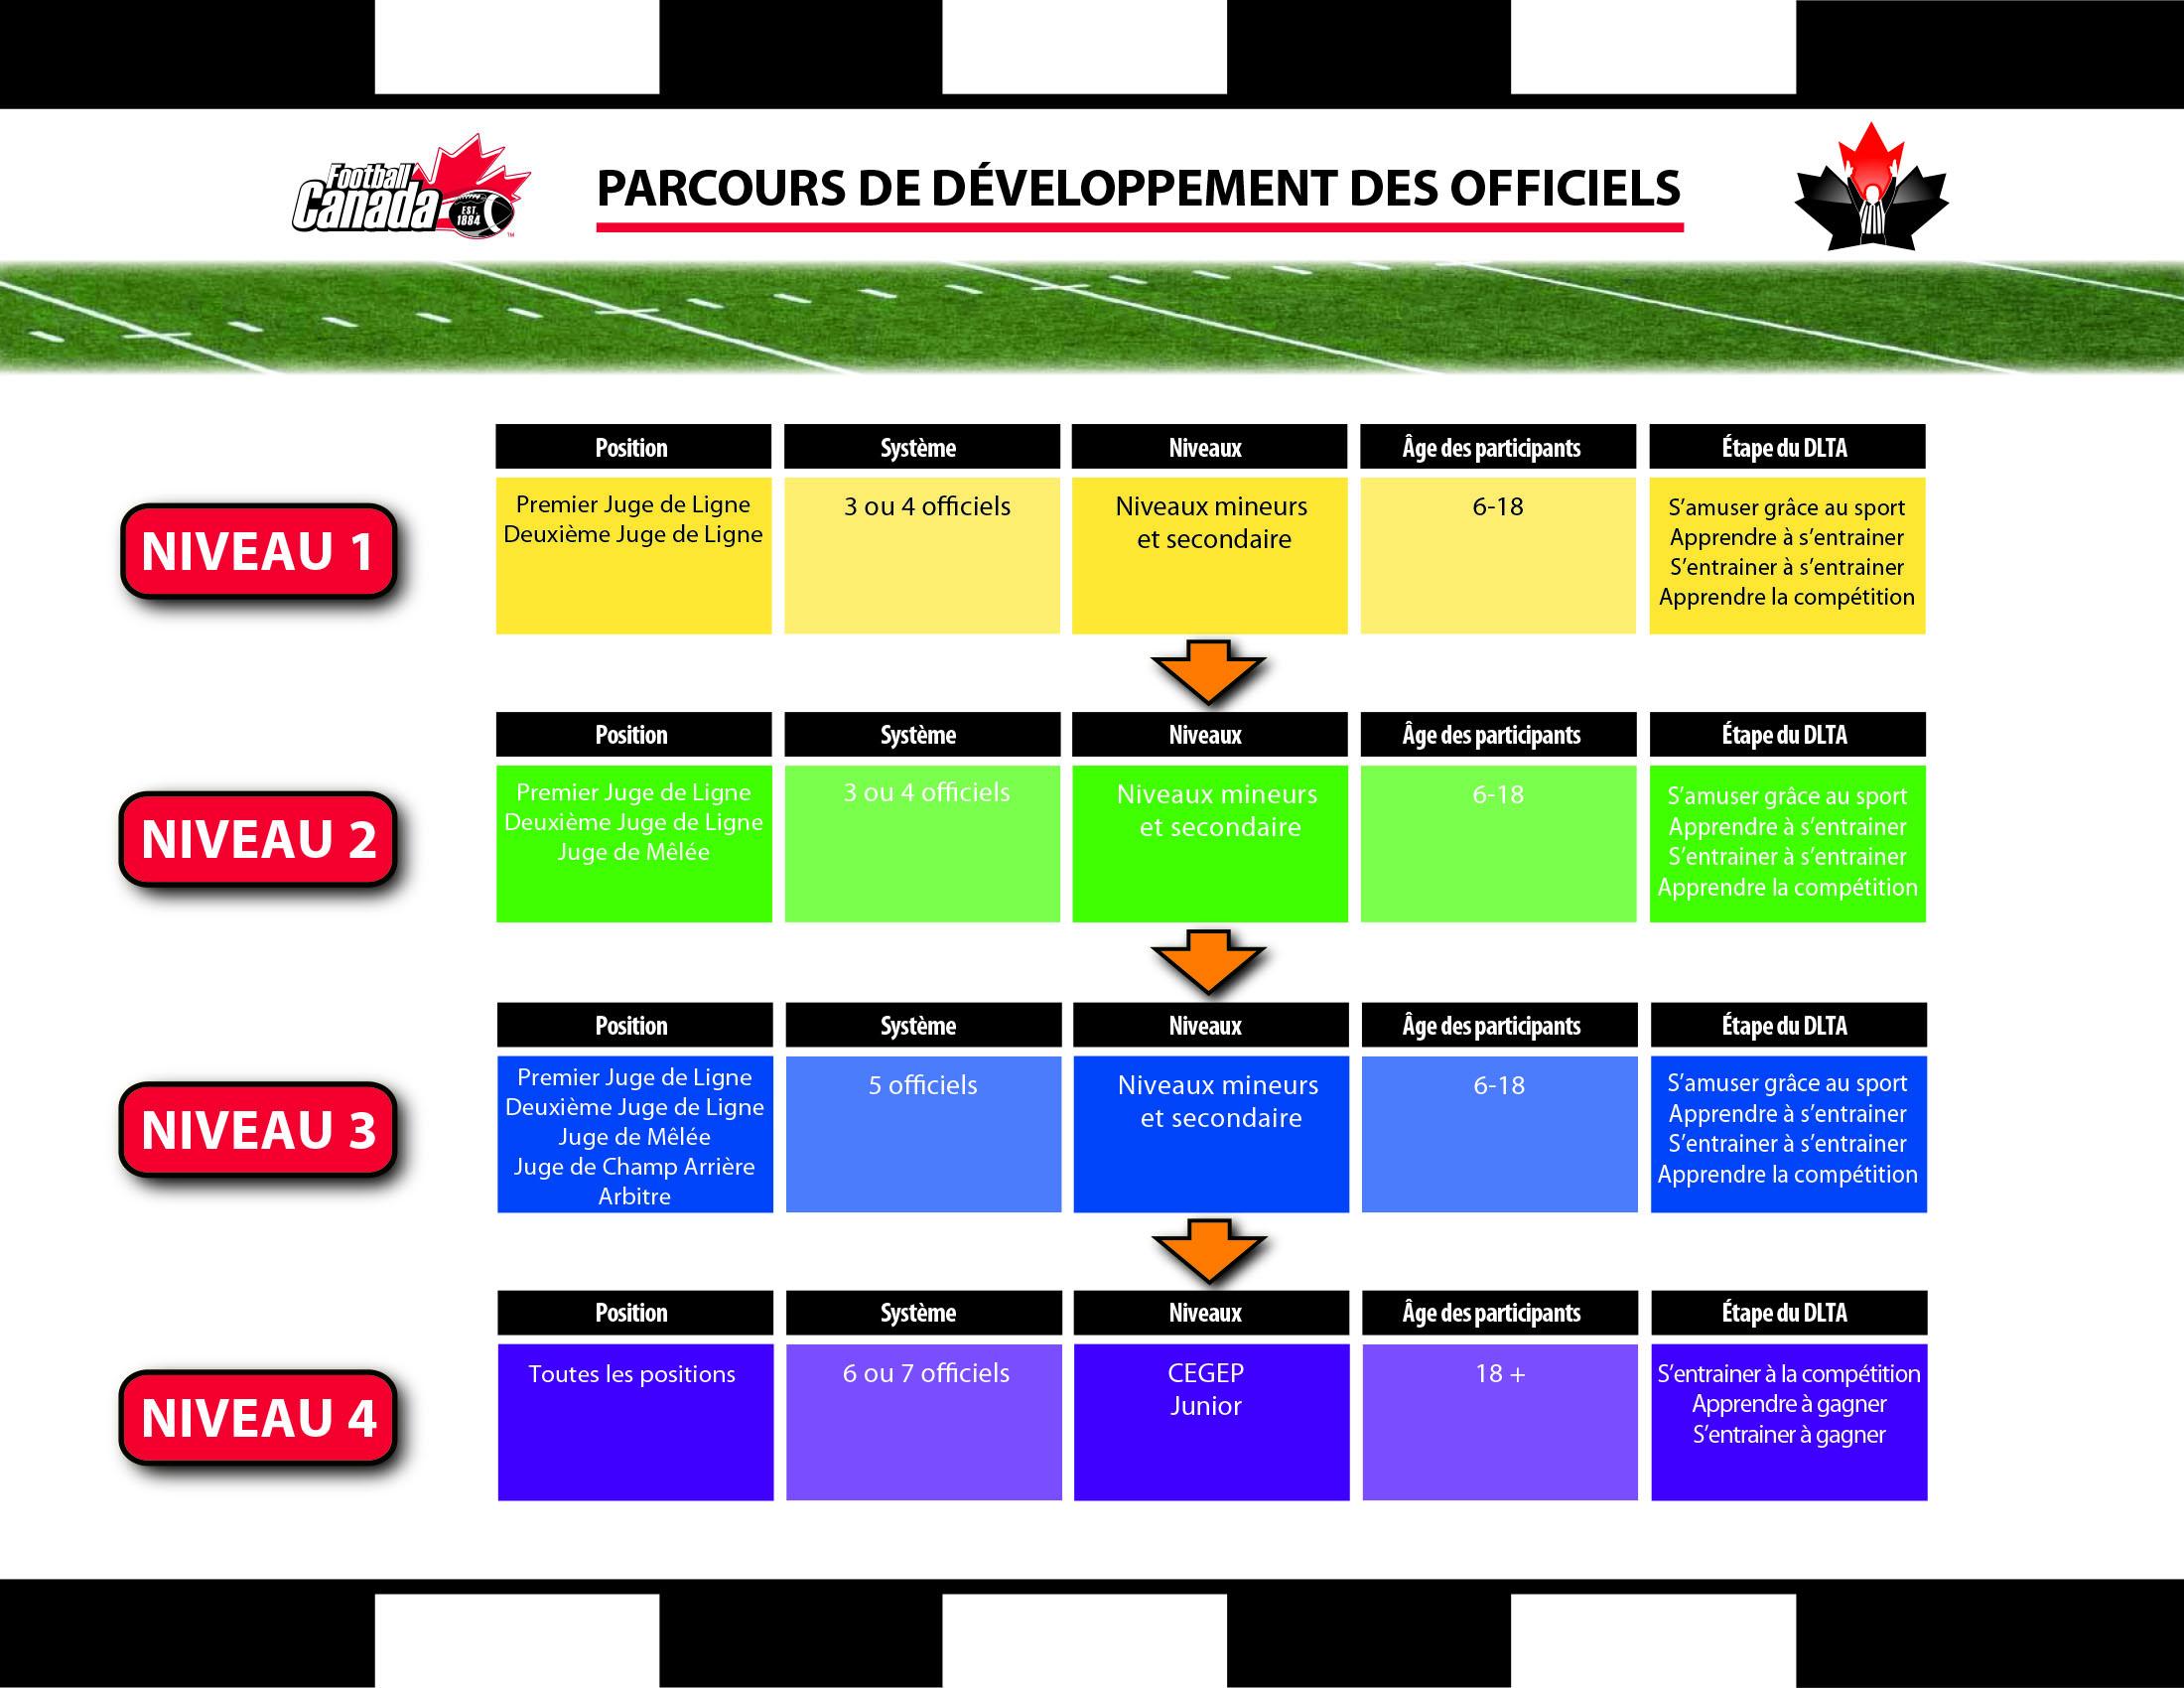 PARCOUR_DEVELOPEMENT_DES_OFFICIELS_V1_September_07_2016_DESIGN